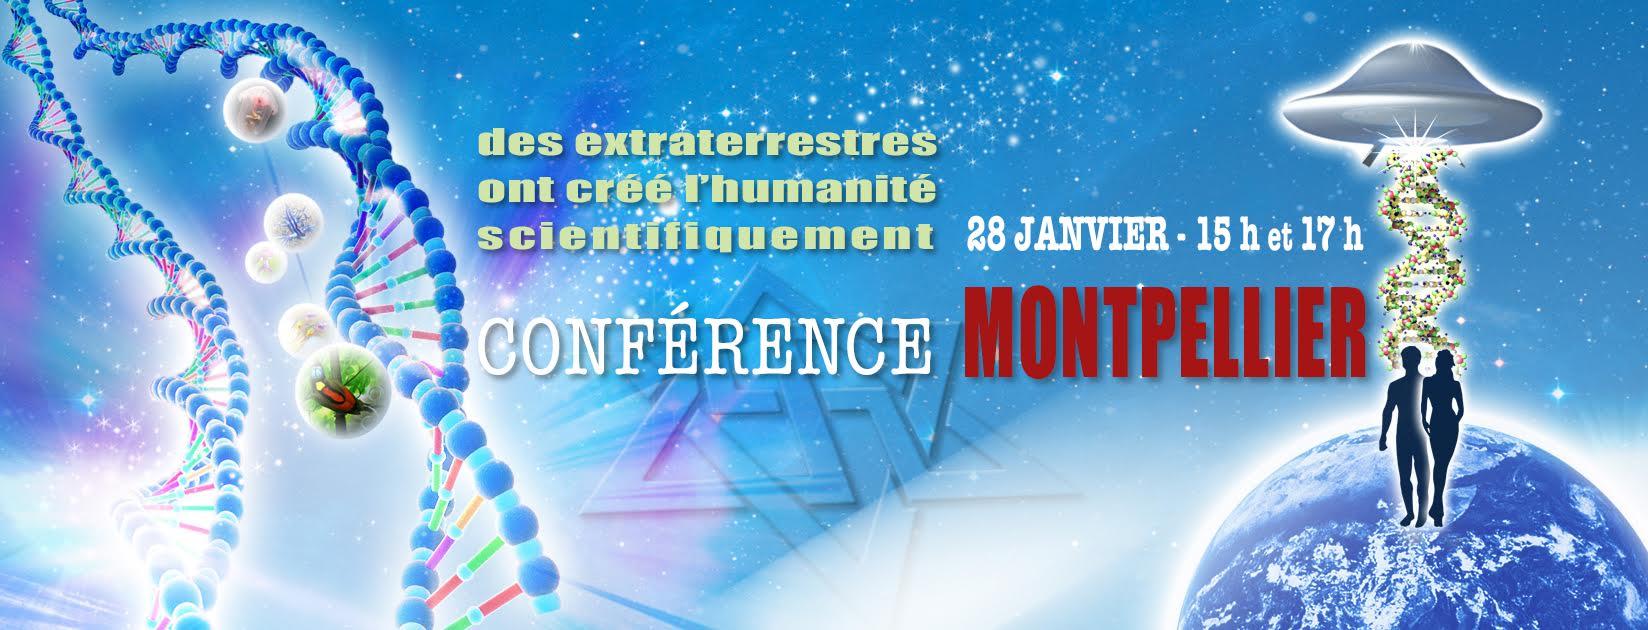 CONFÉRENCES RAÉLIENNES MONTPELLIER